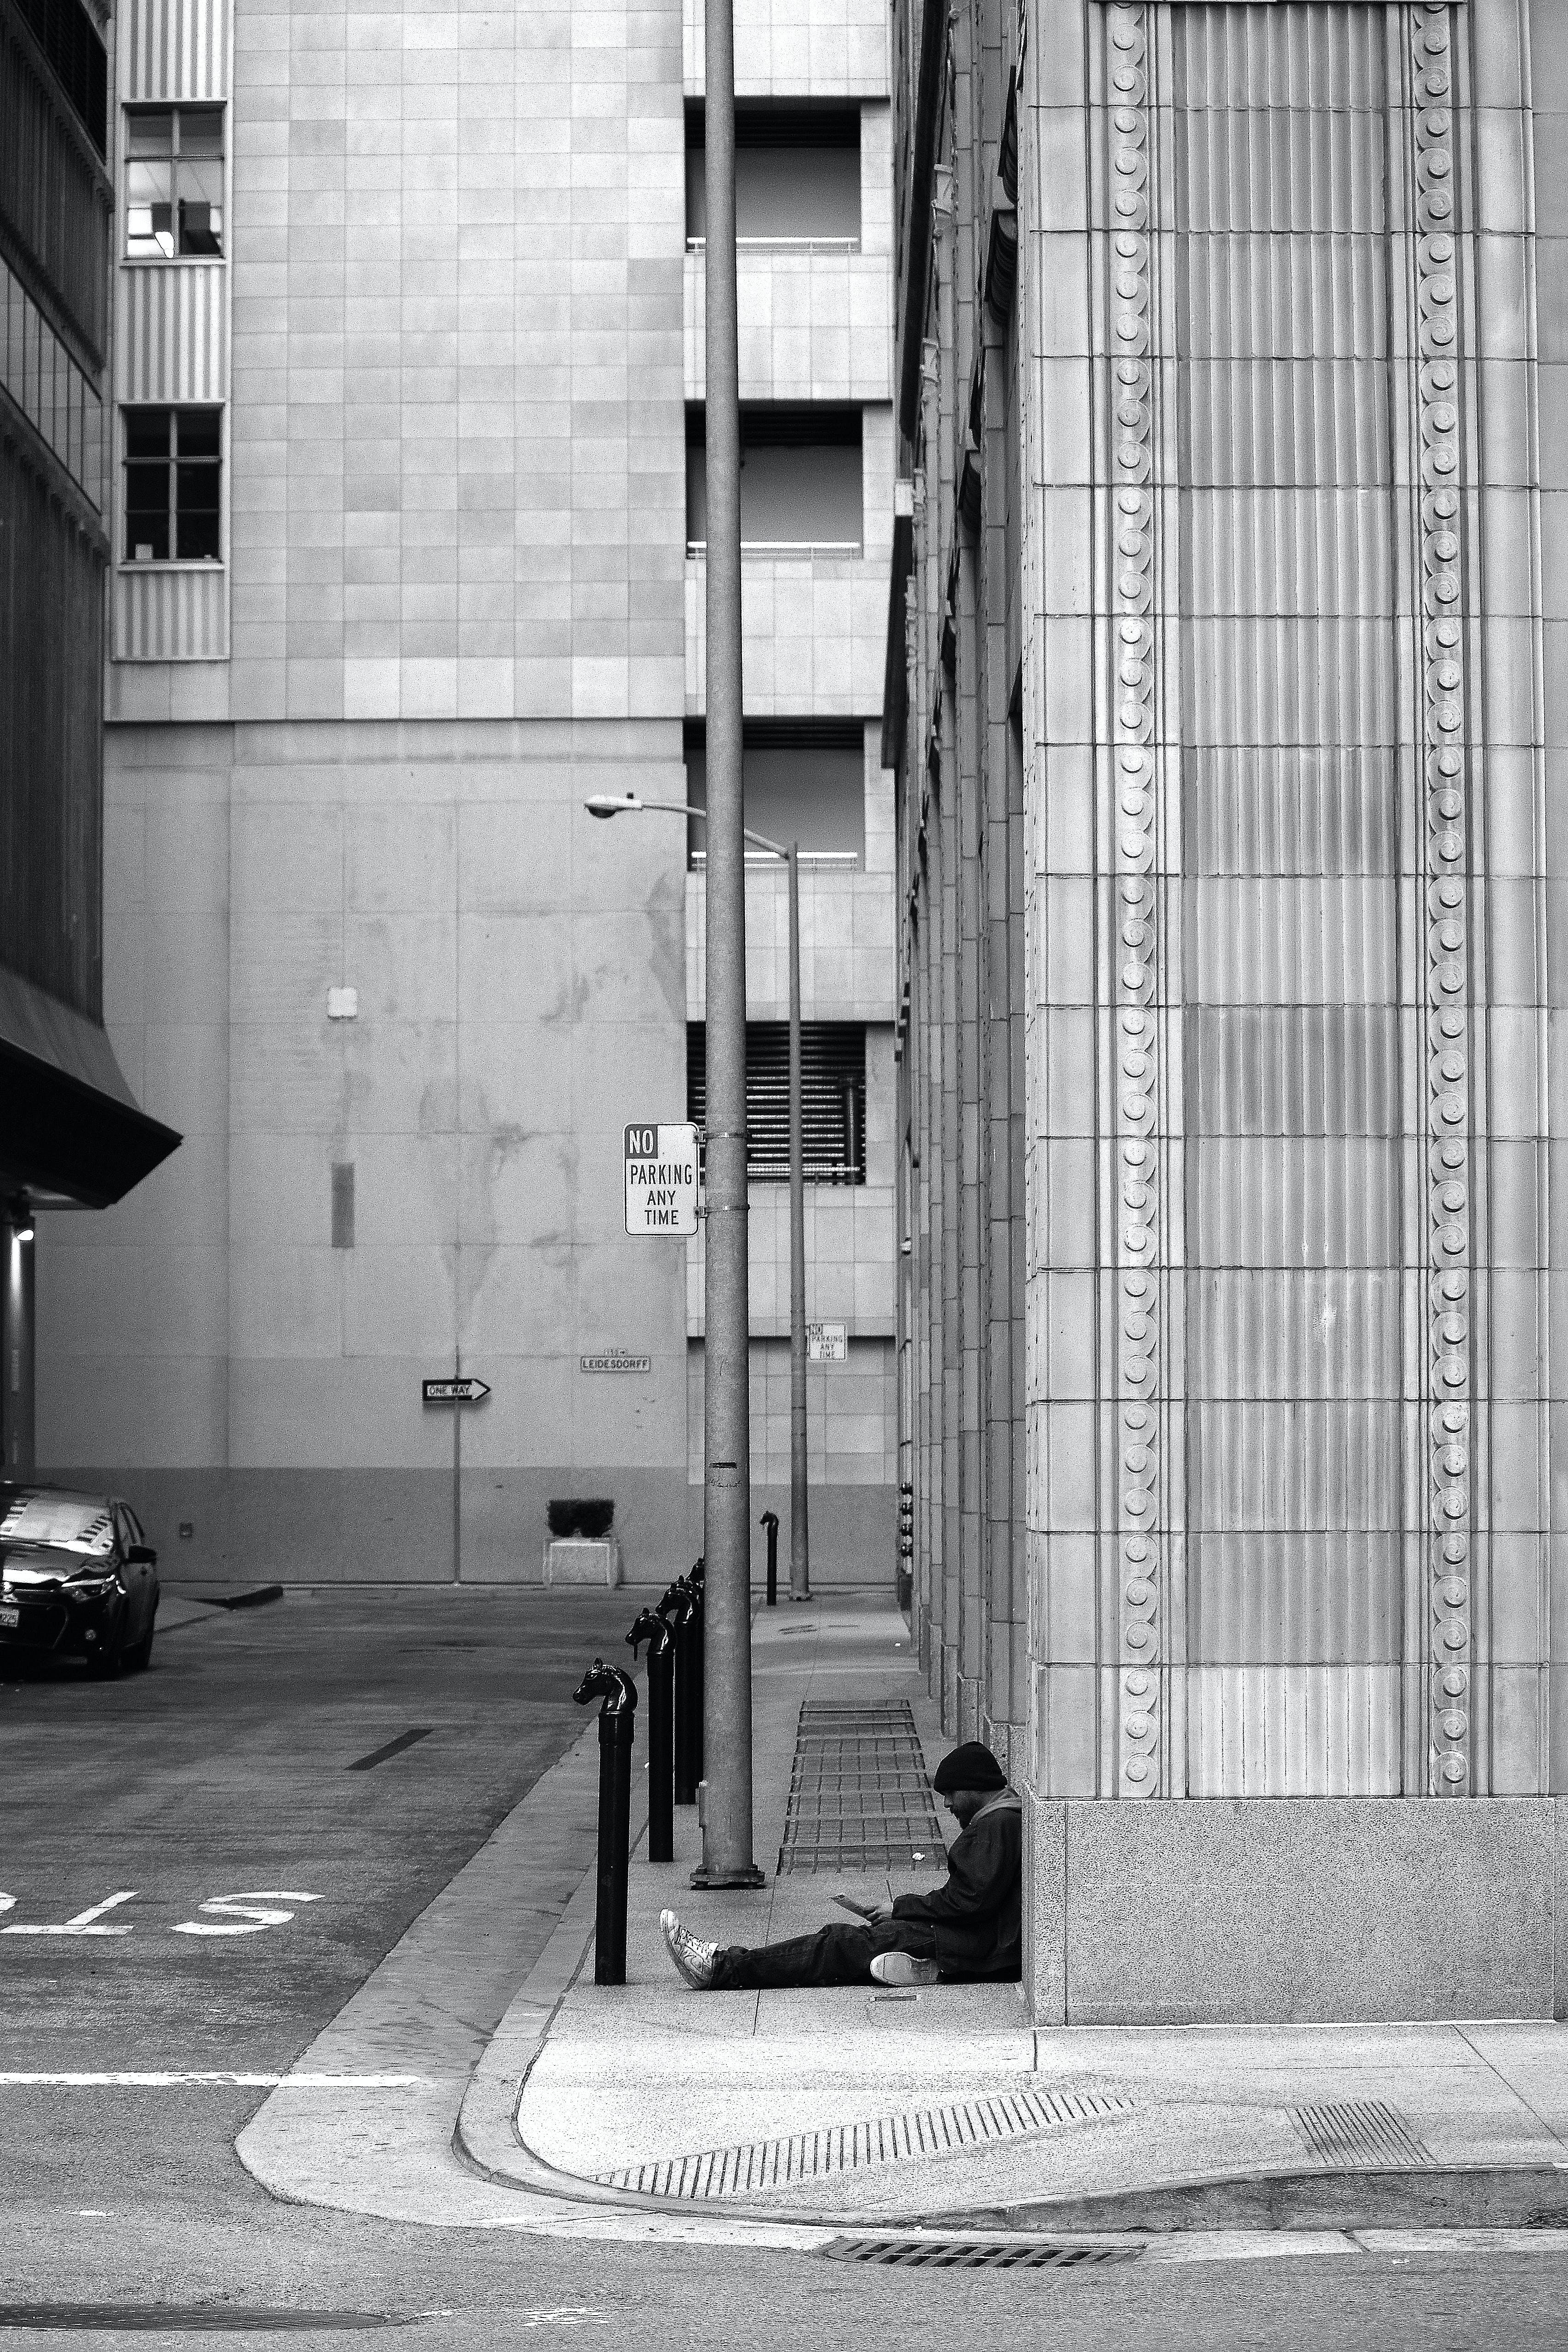 arquitectura, blanc i negre, buit